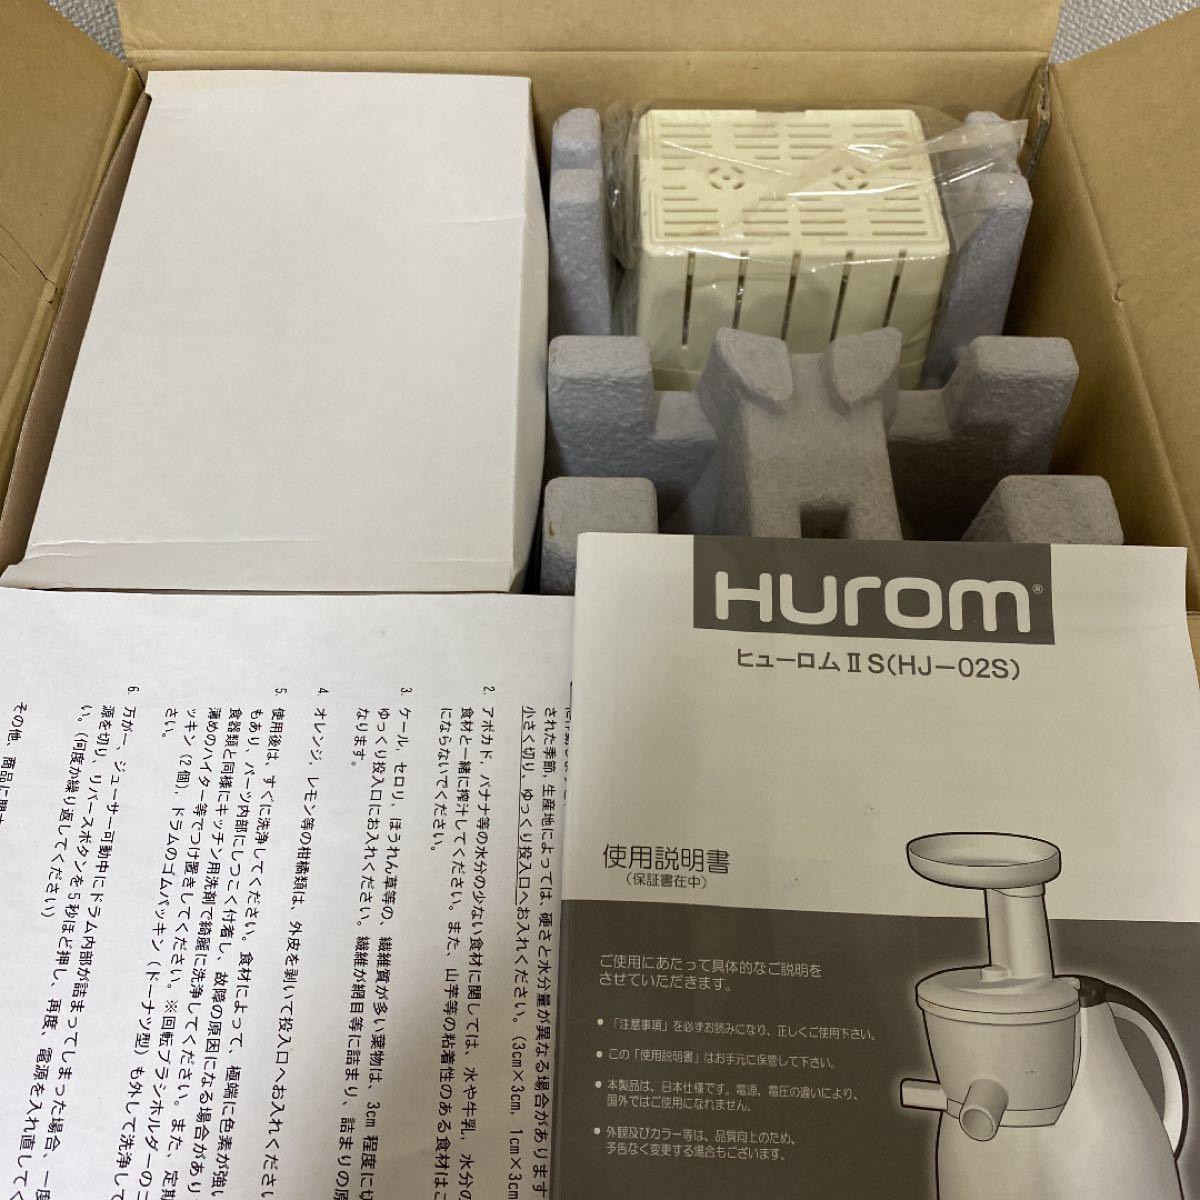 ドリームジューサー ヒューロム2 HJ-02 未使用品 スロージューサー